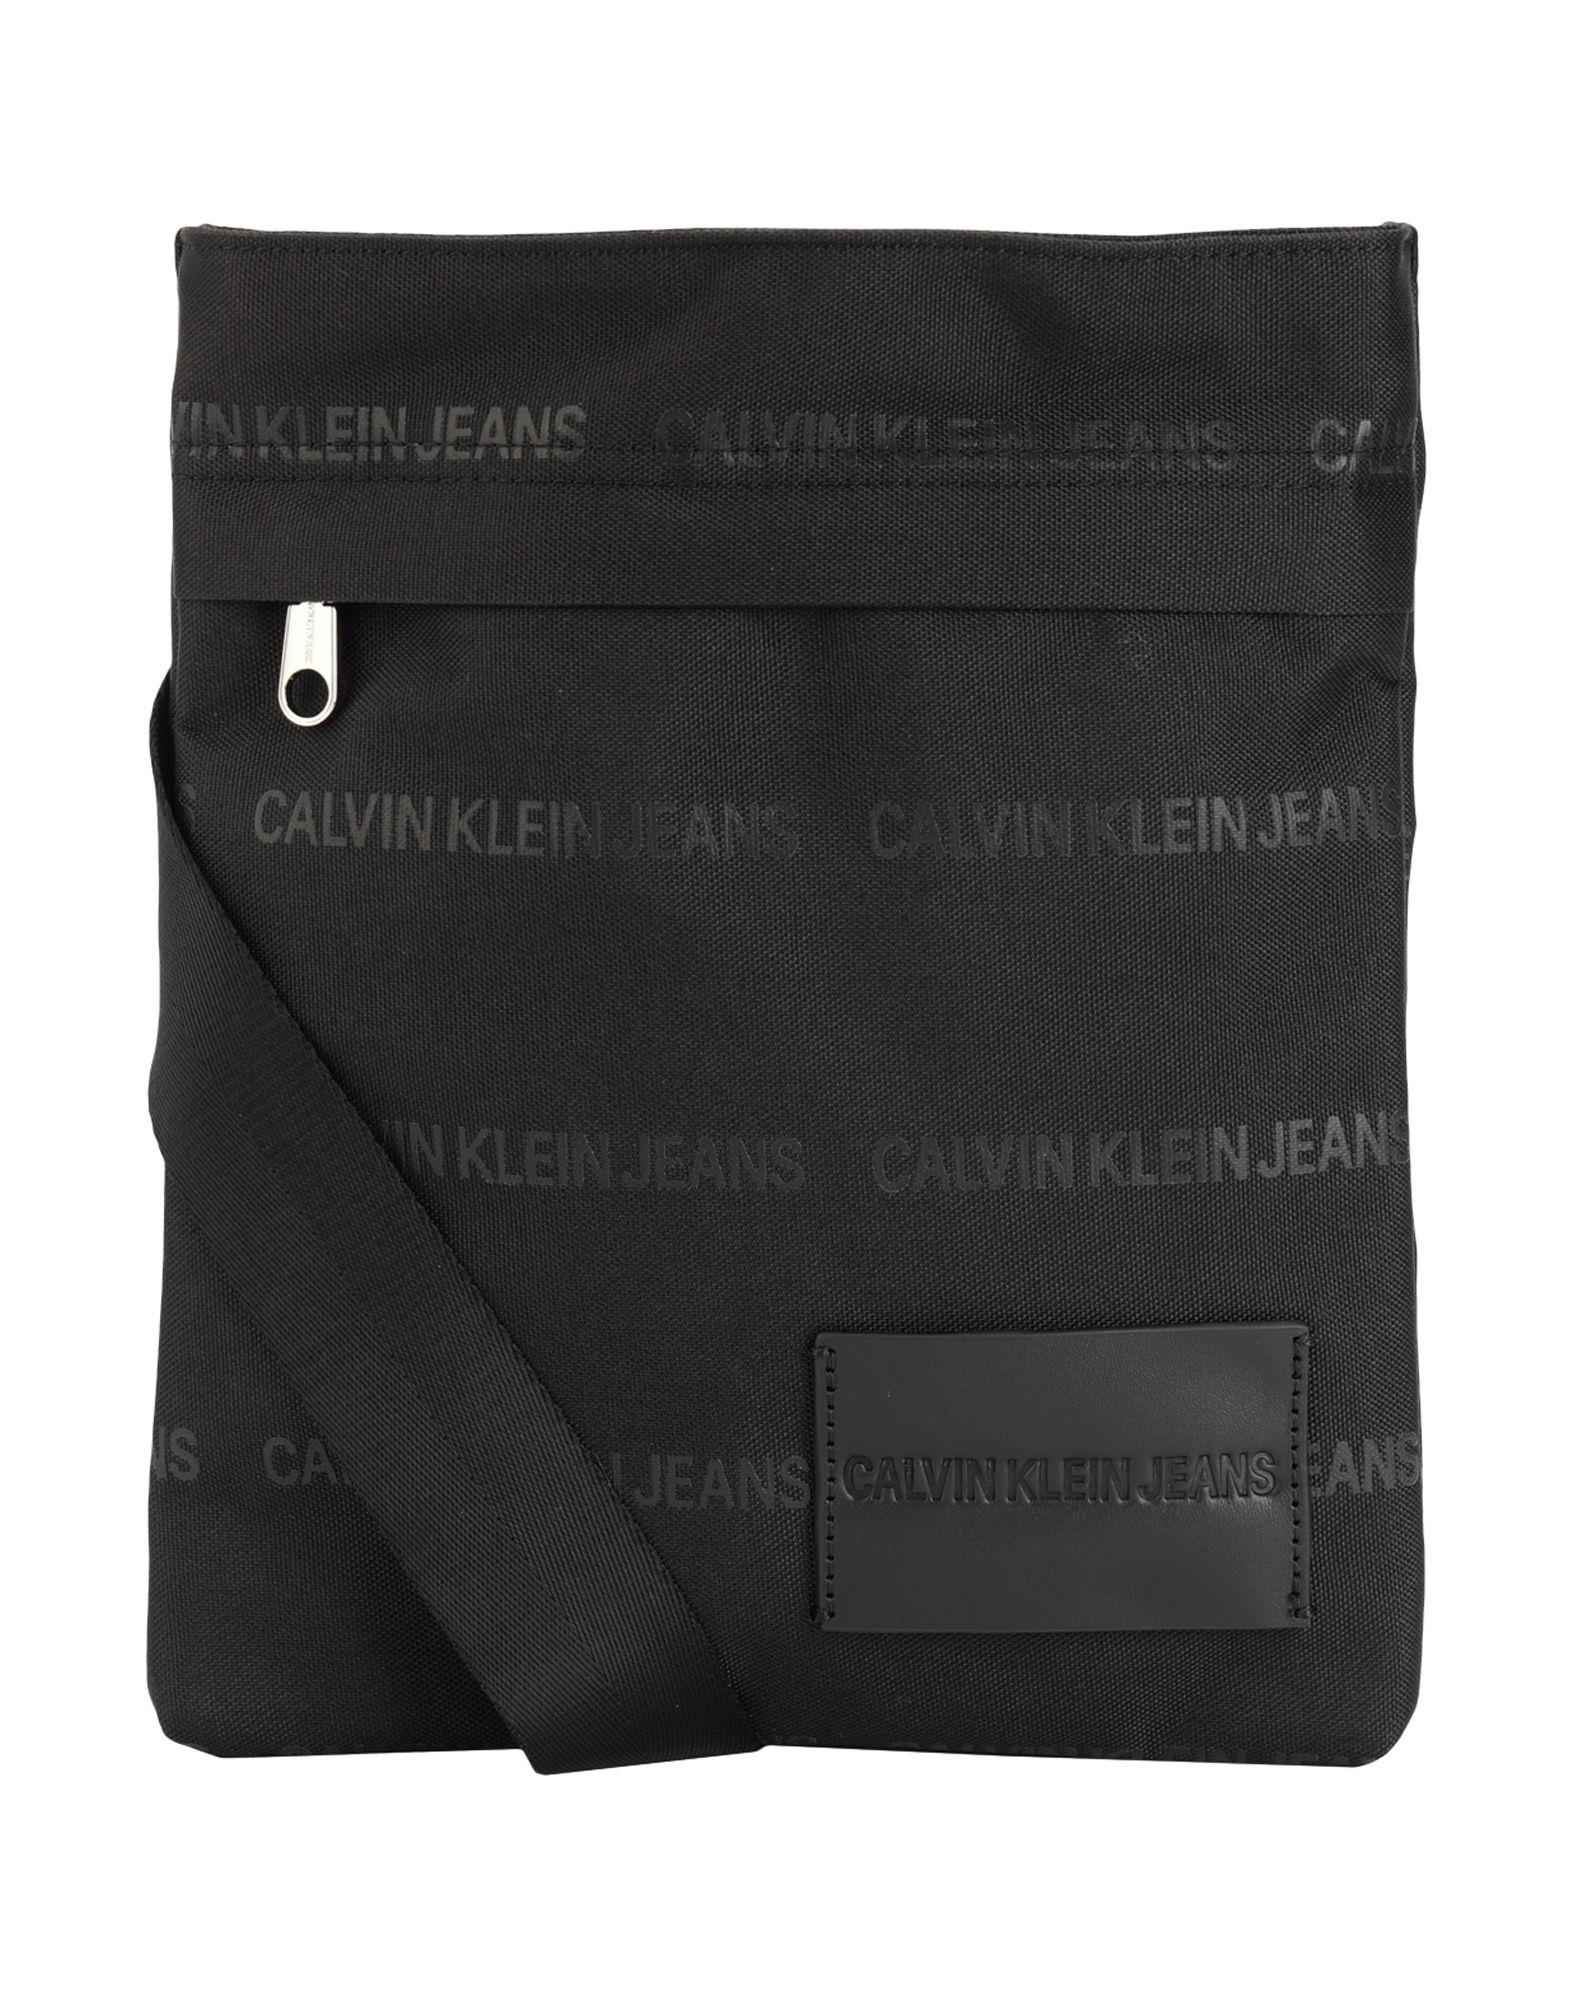 CALVIN KLEIN JEANS Сумка через плечо сумка мужская calvin klein jeans цвет светло зеленый k50k503918 9100